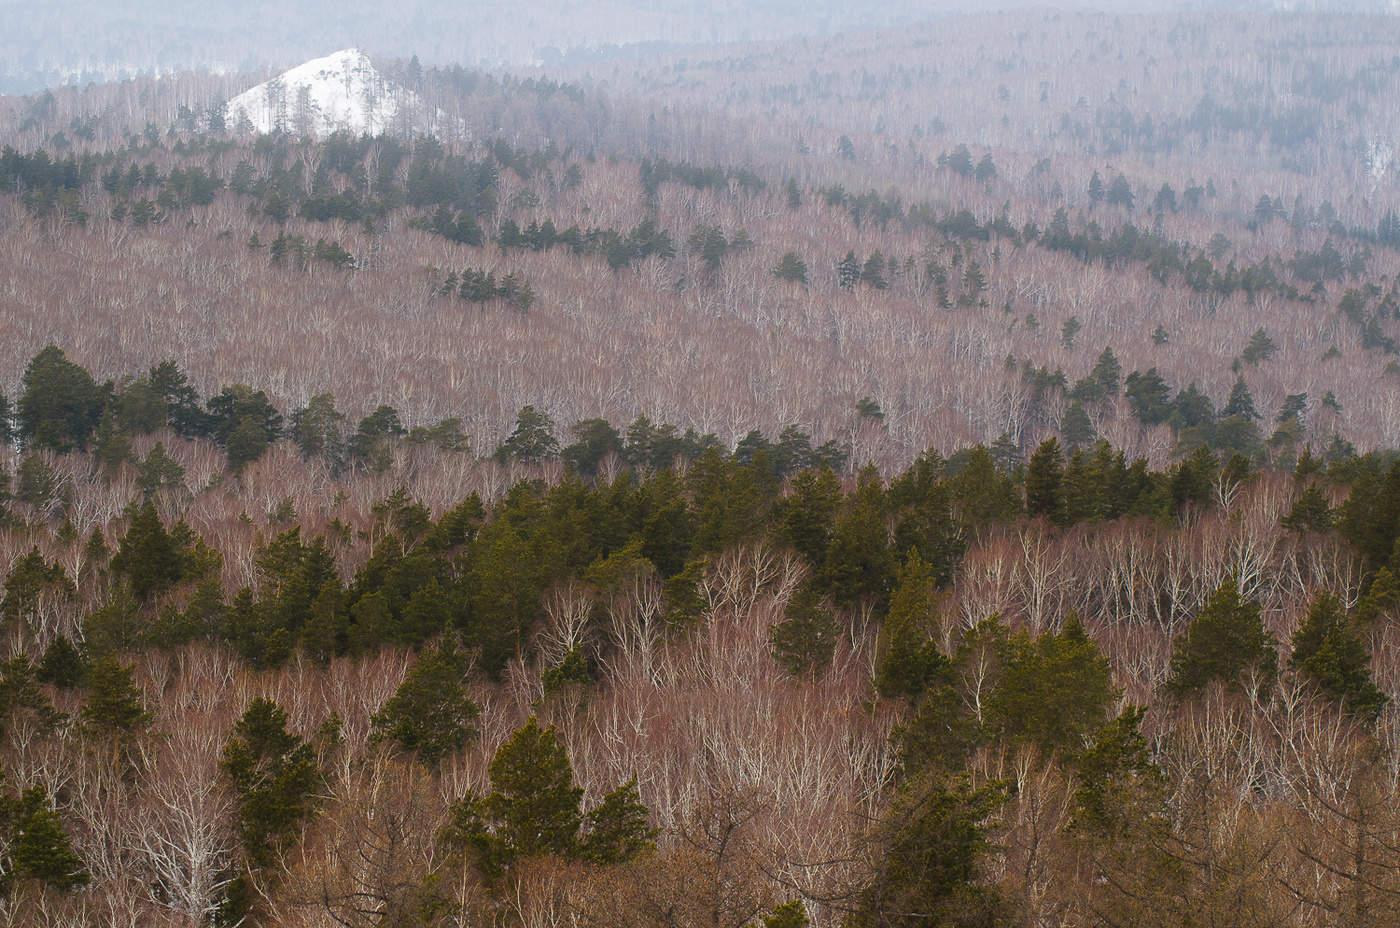 положил начало анимации картинки уральский лес слову сказать, россия